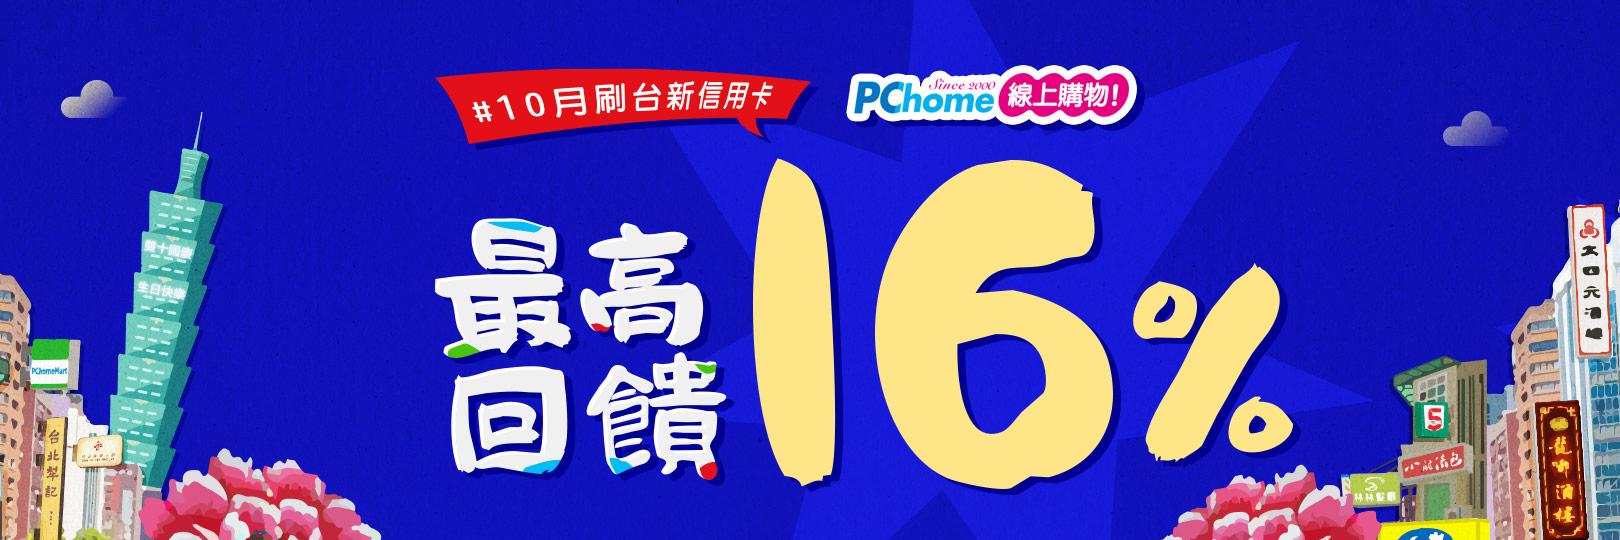 PChome購物網 超級雙十節